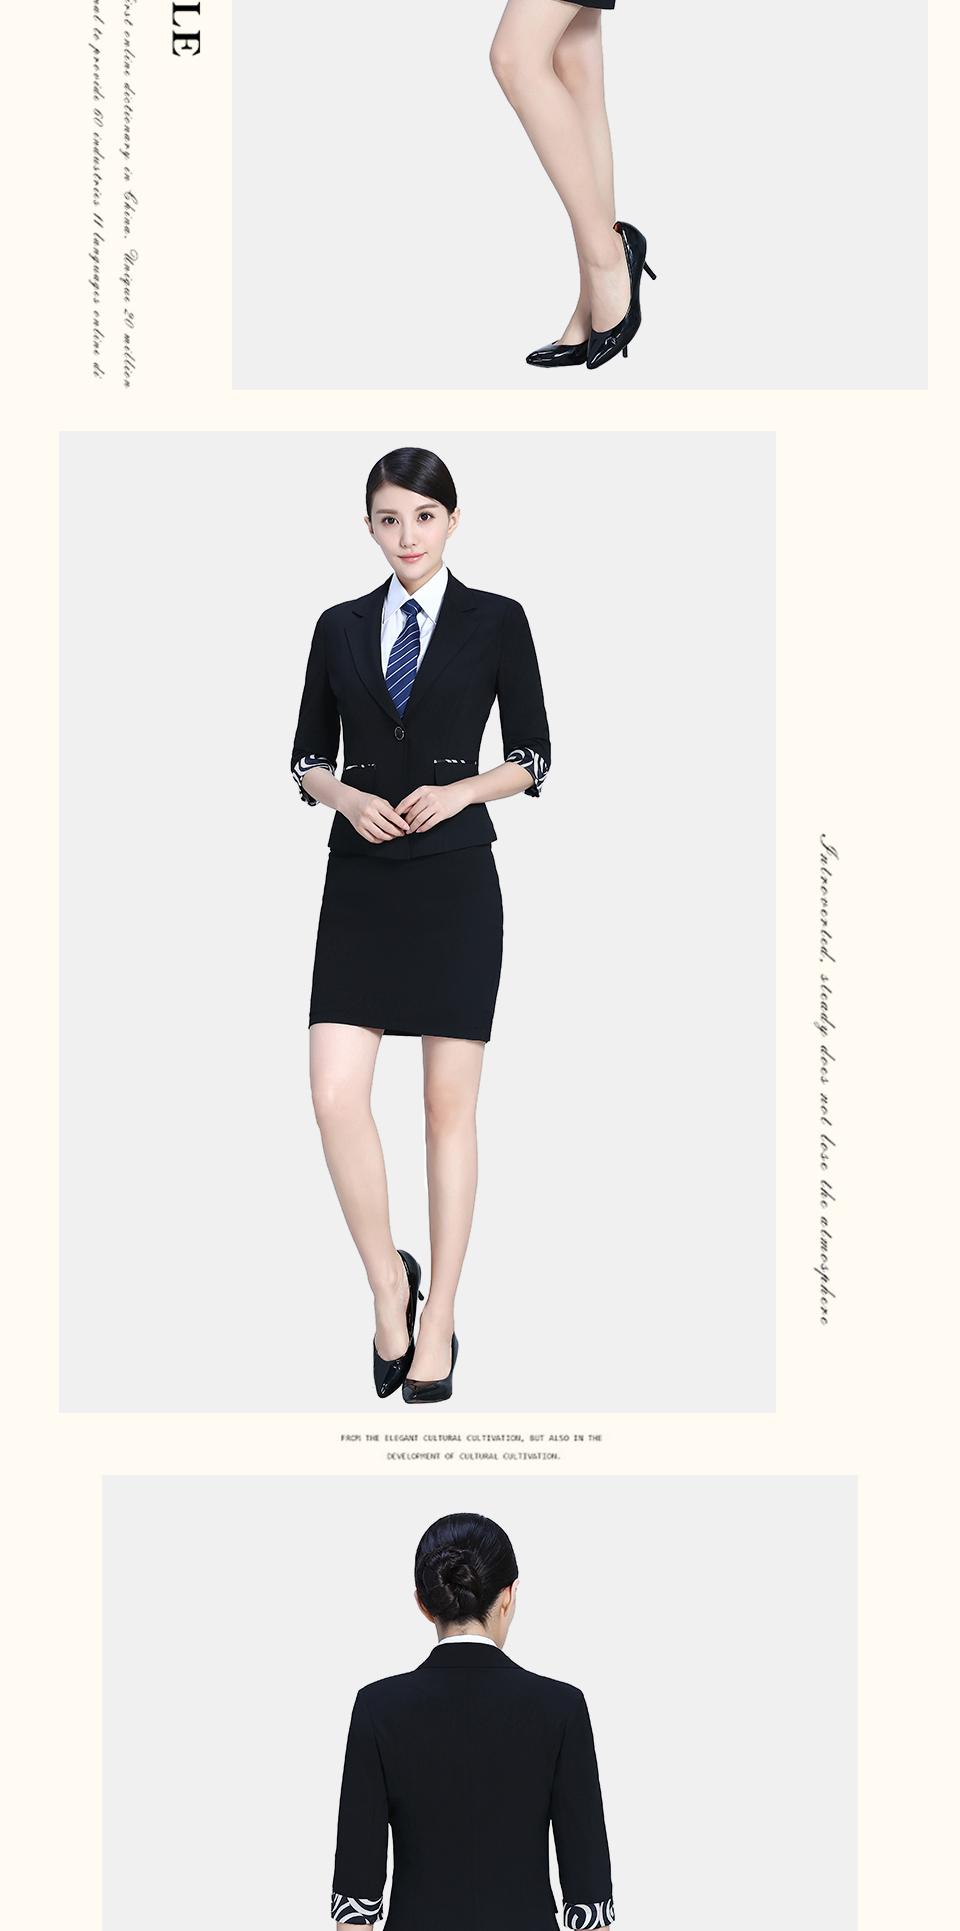 夏装半袖黑色职业装女装